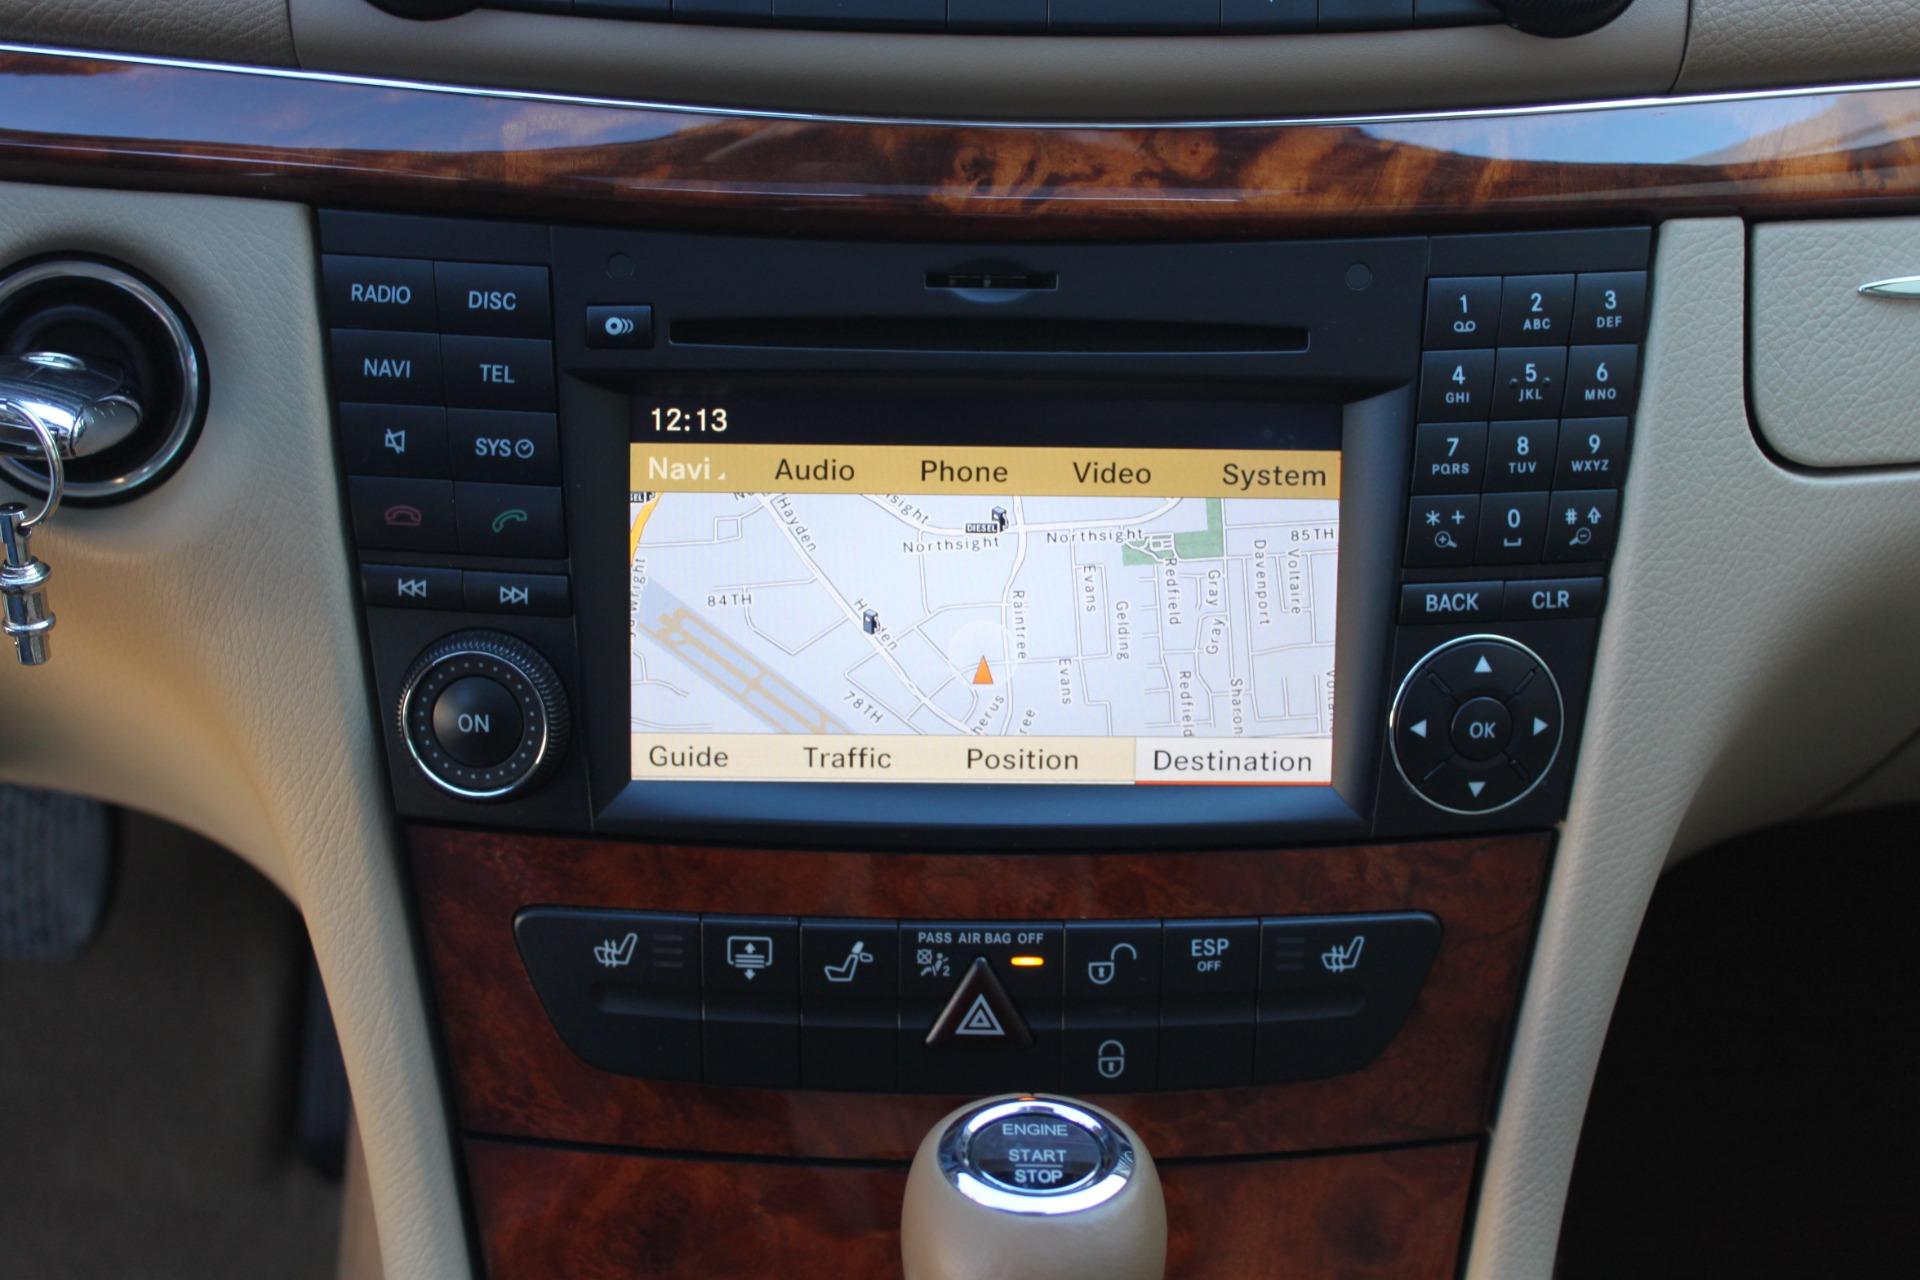 Used-2009-Mercedes-Benz-E-Class-E320-30L-BlueTEC-Collector